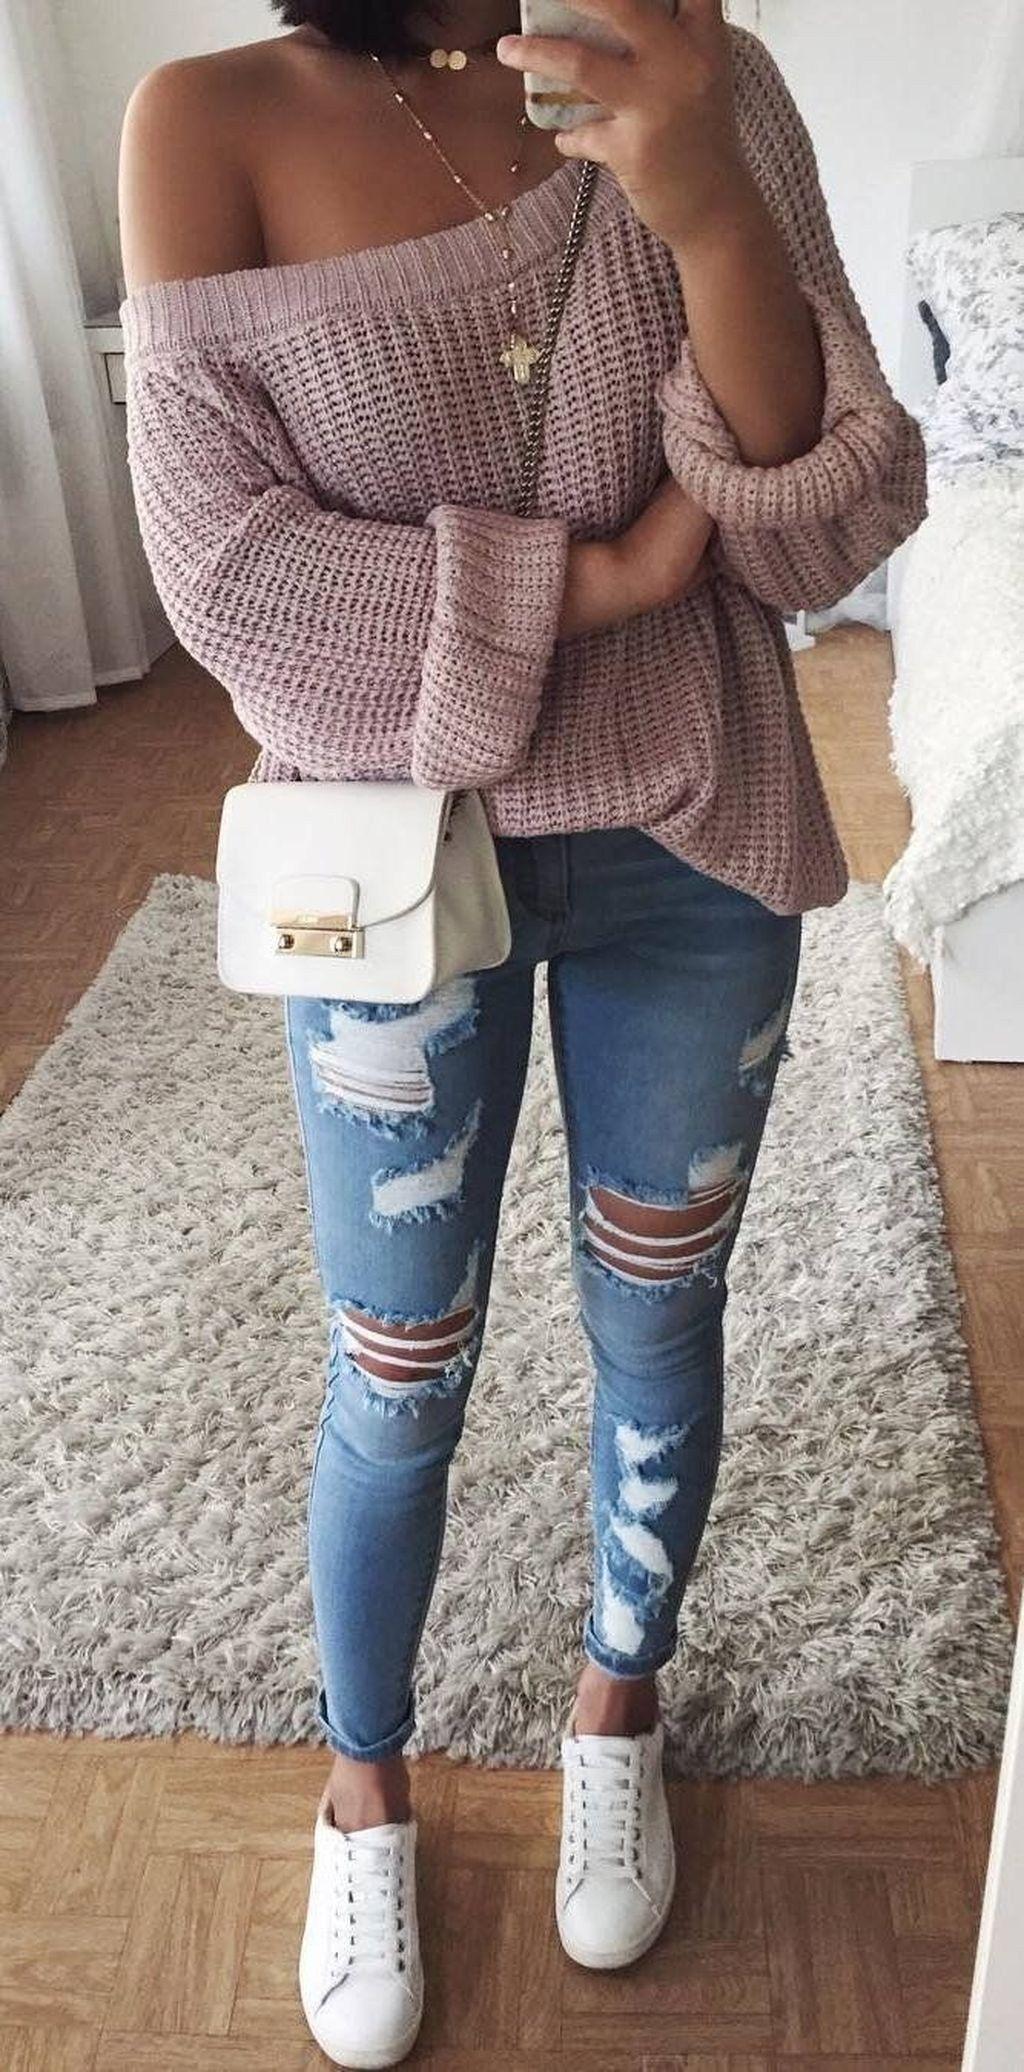 Stunning Zerrissene Jeans Ideen, Um Robust Zu Schauen